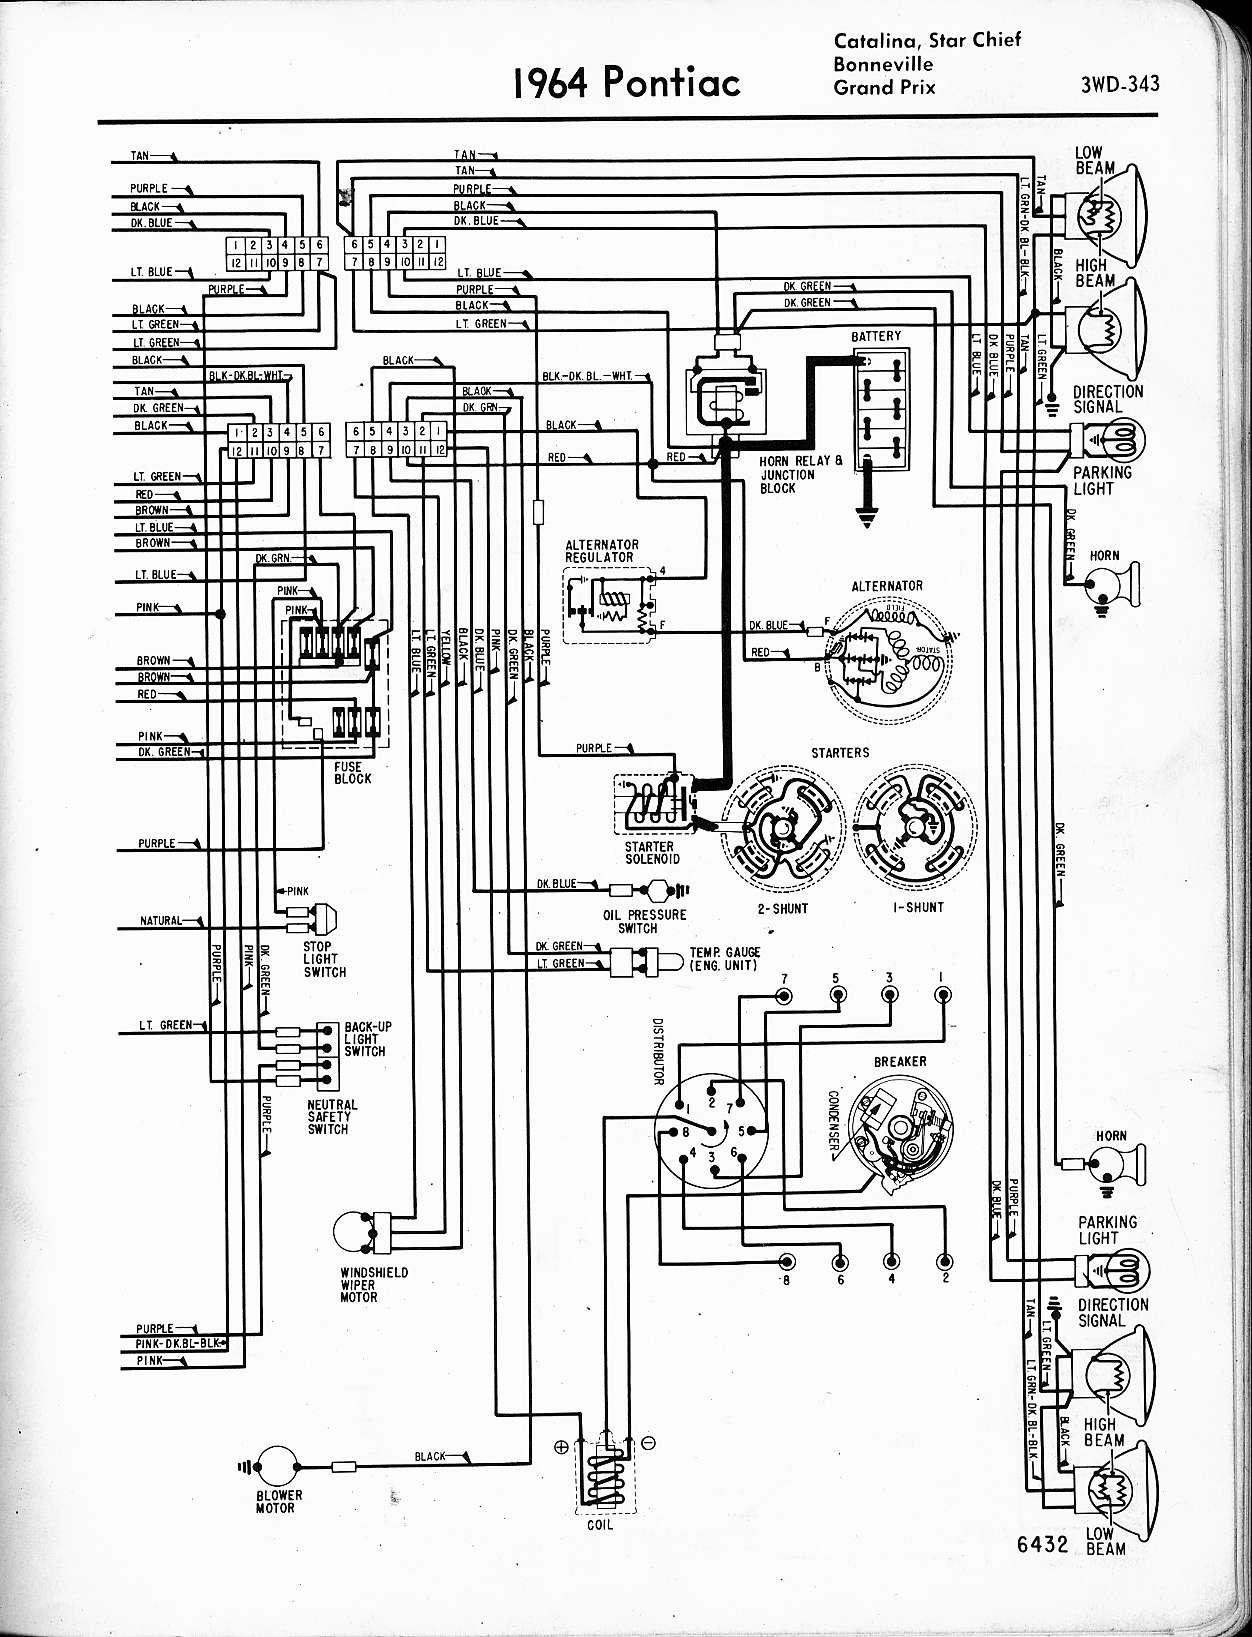 [TL_9195] 1968 Pontiac Wiring Diagram Wiring Diagram